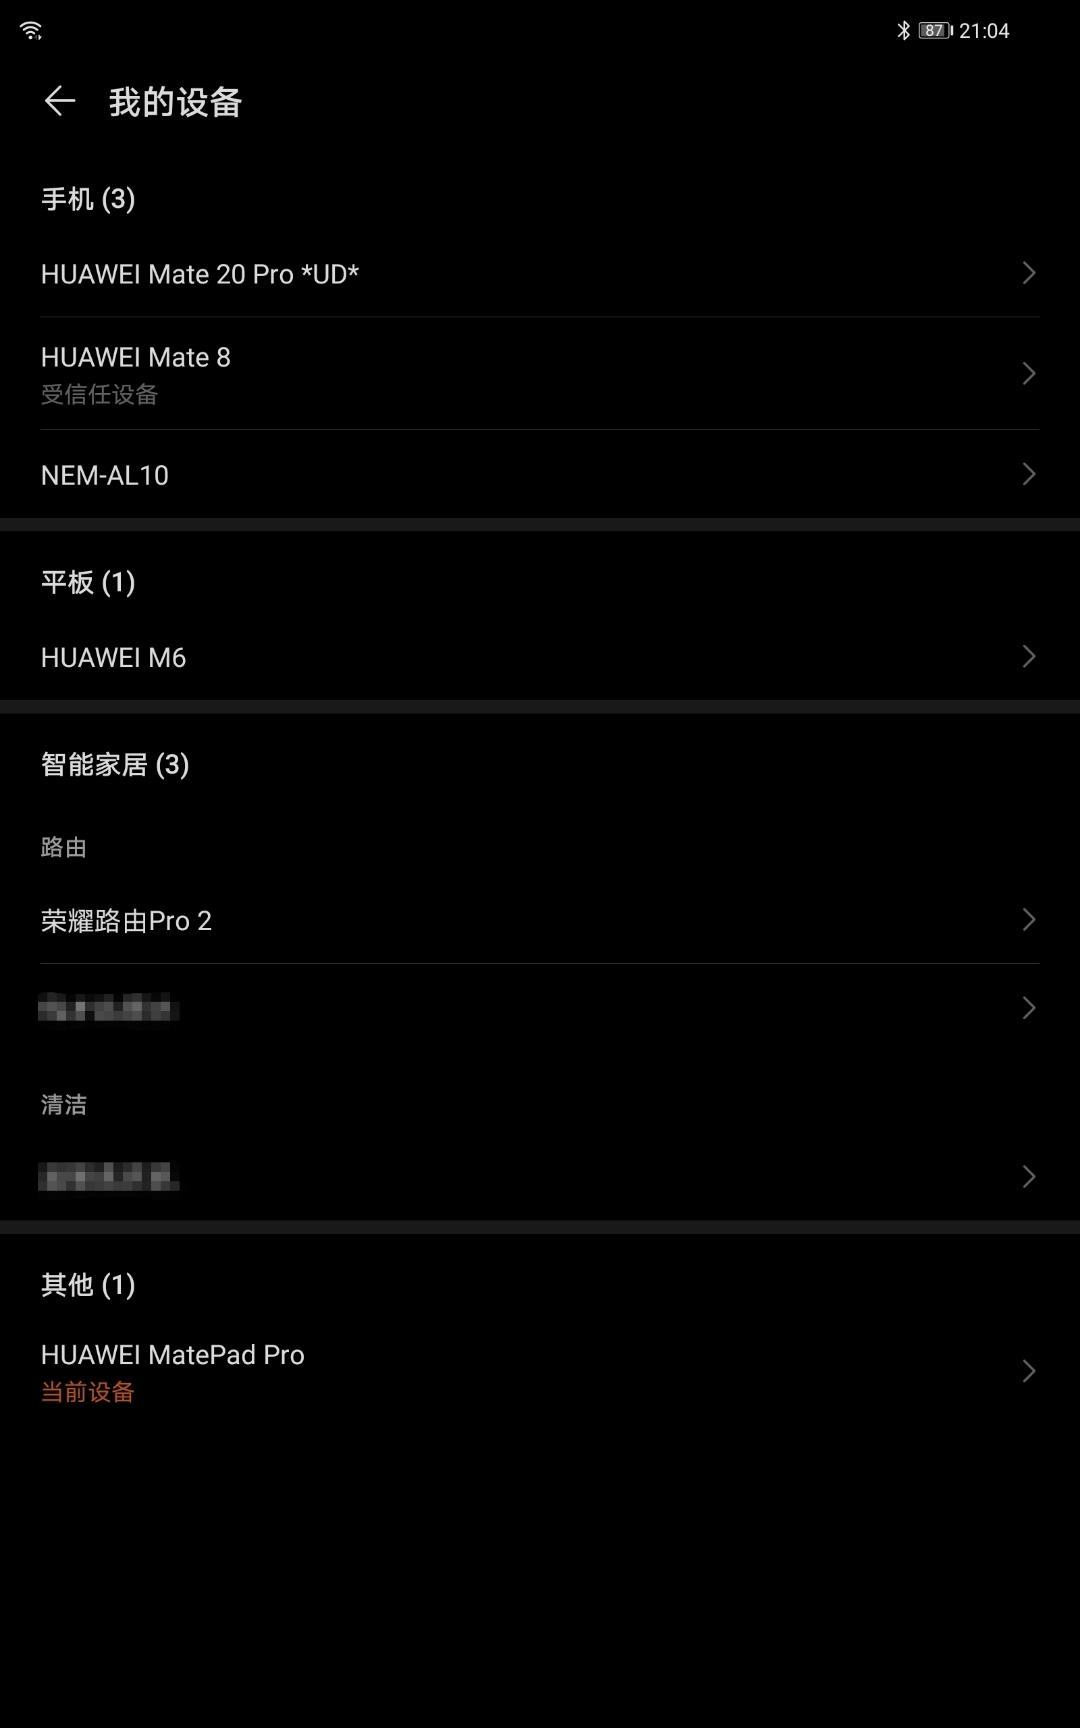 Screenshot_20200521_210459.jpg